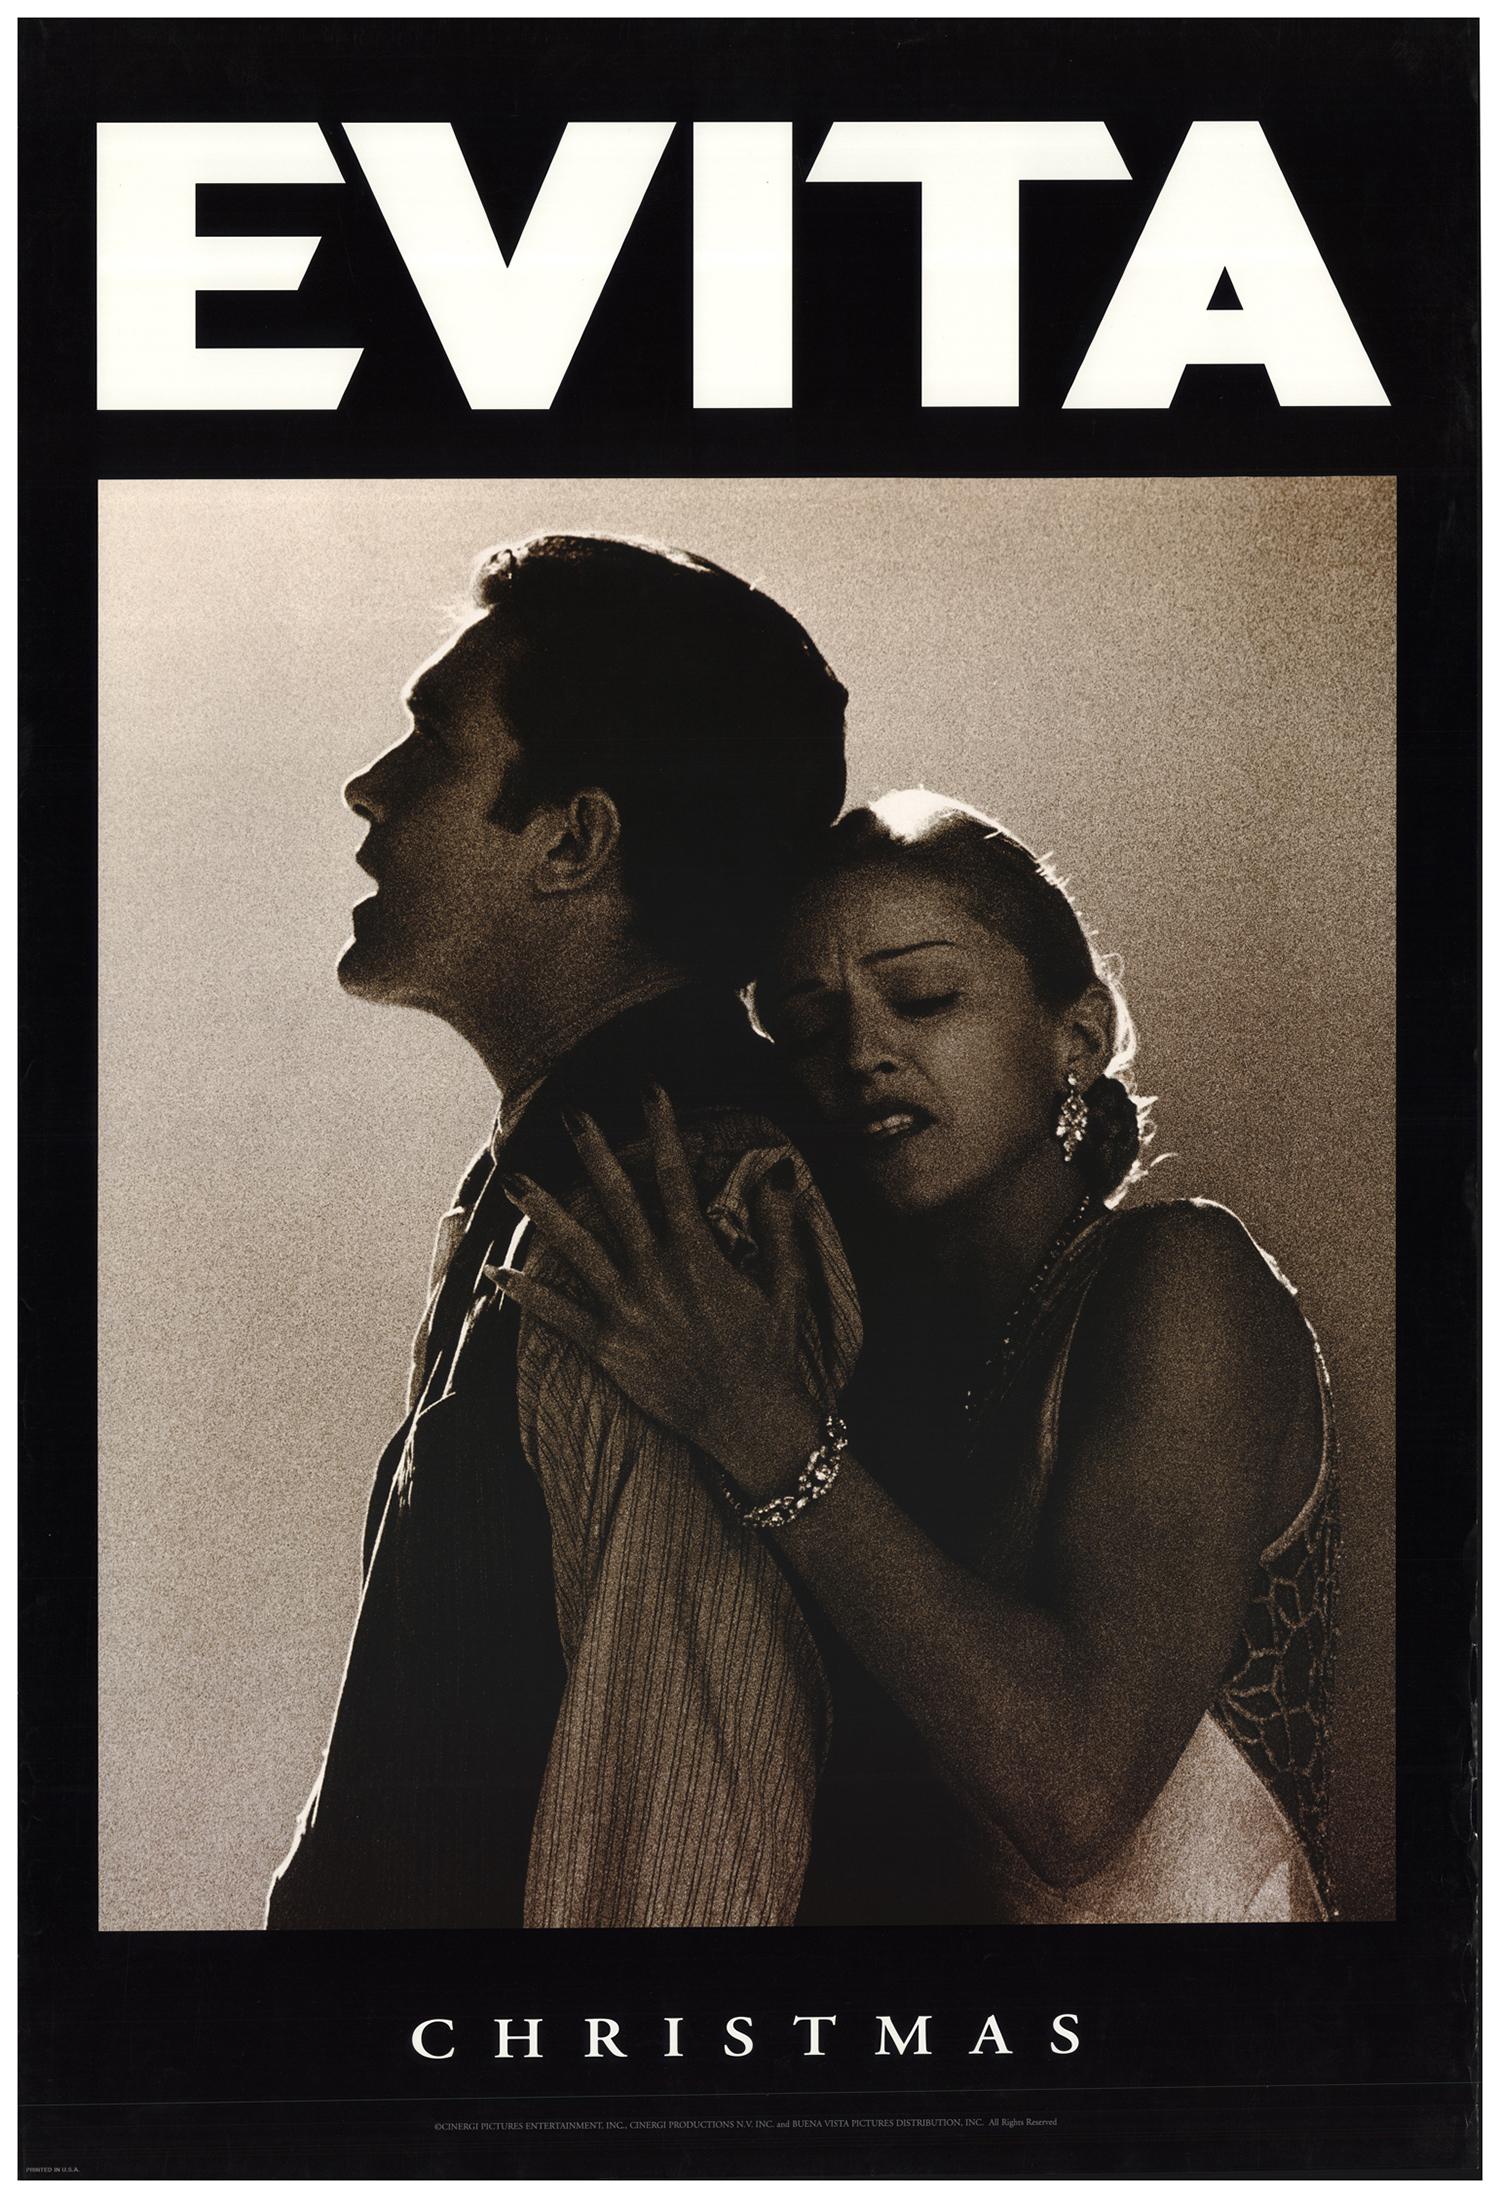 Jimmy Nail Original Vintage Movie Posters